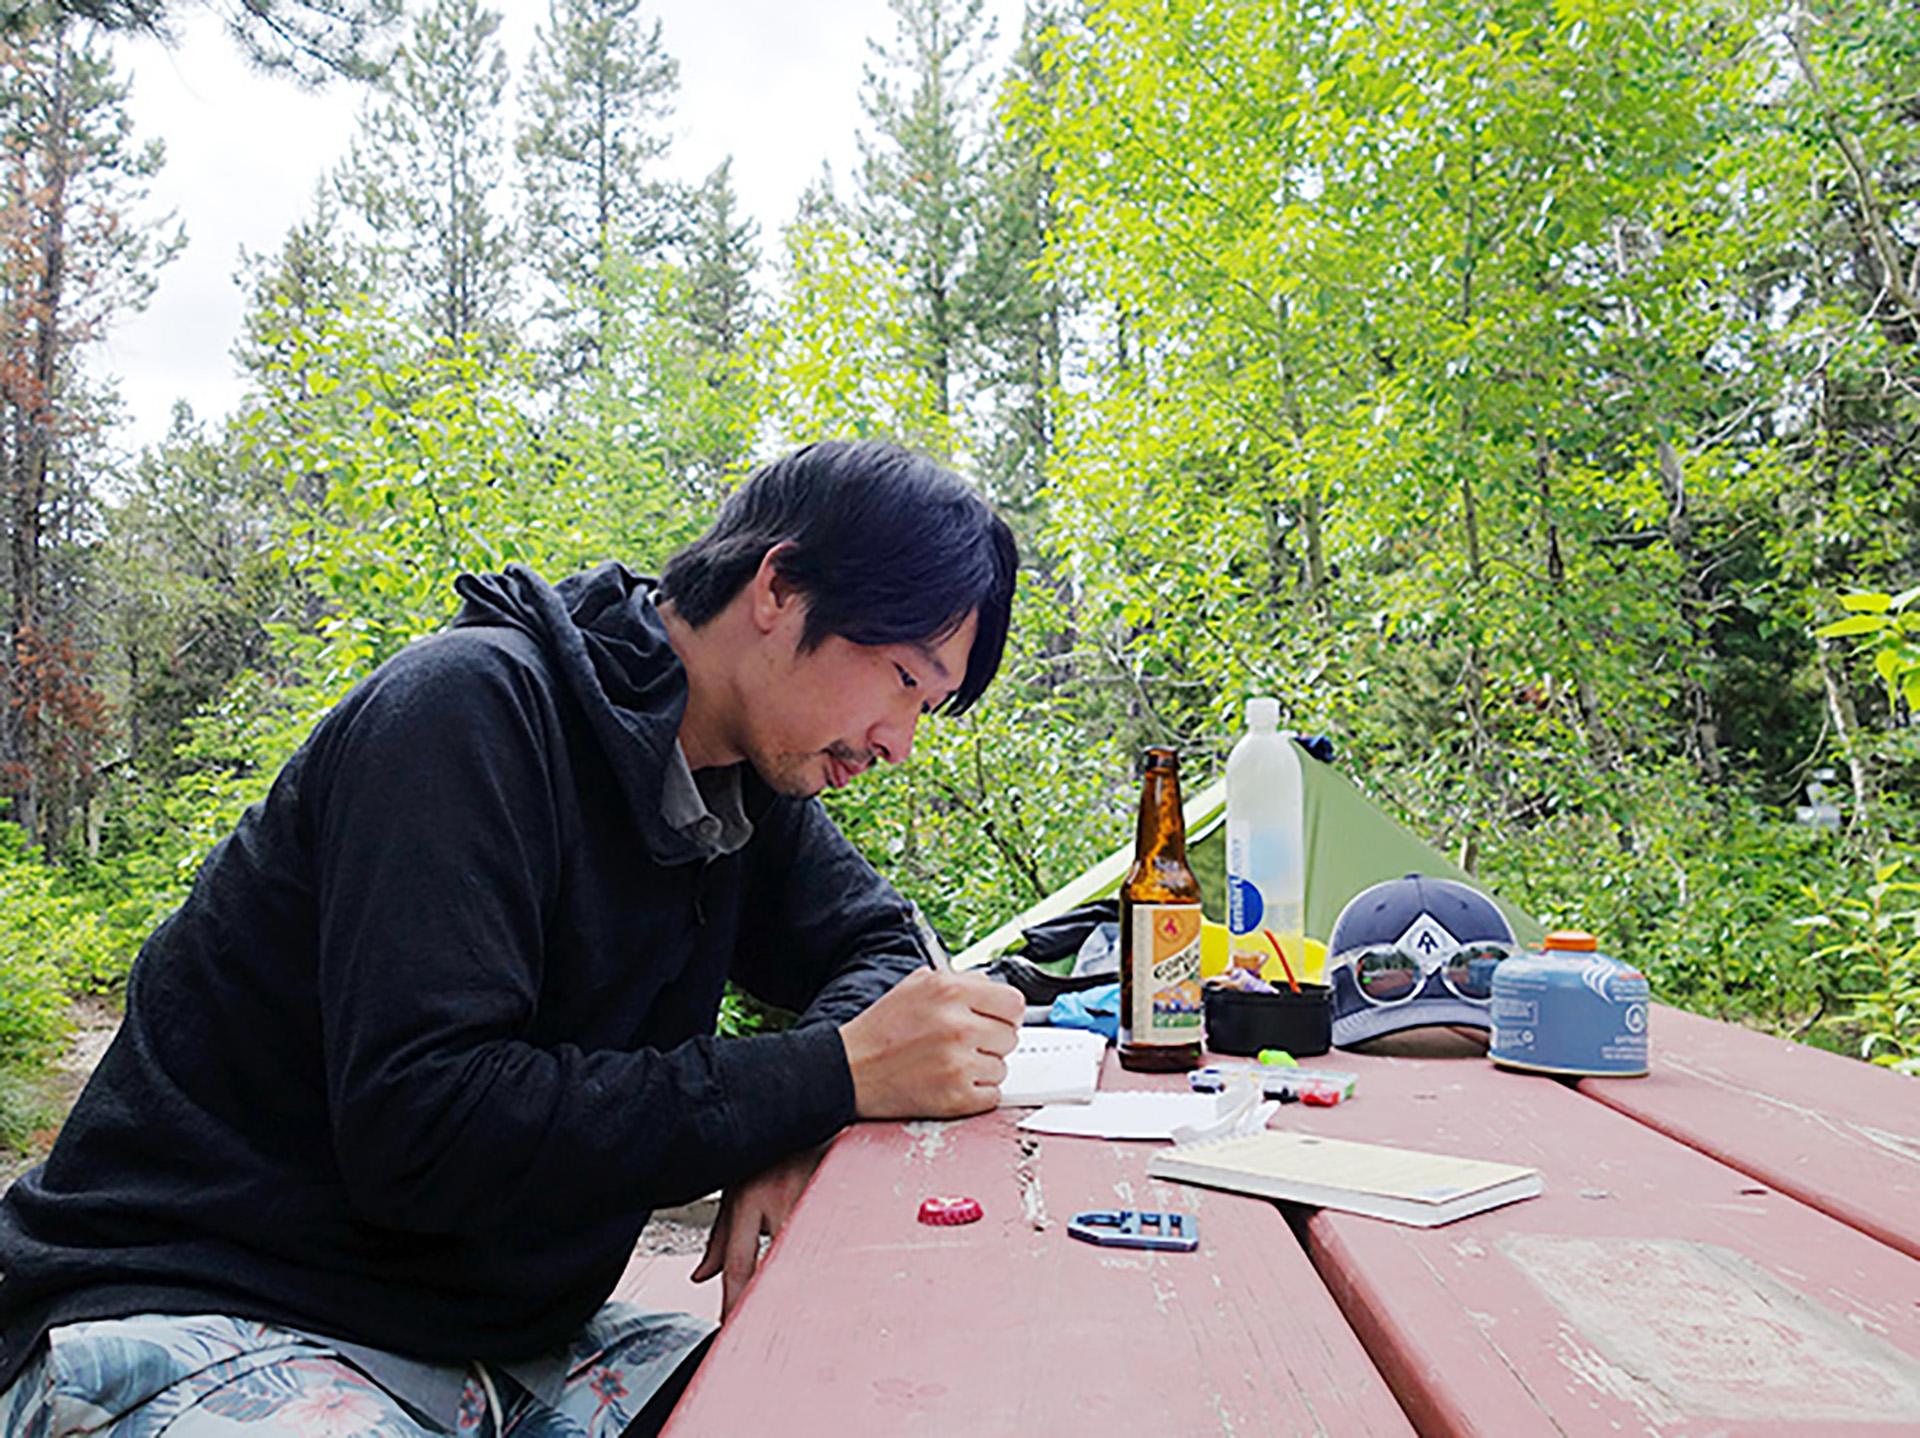 7-4 トリプルクラウナー/イラストレーター・河戸良佑氏インタビュー<br>〜ロングトレイルに必要な才能と、『アリガト山』への思い〜